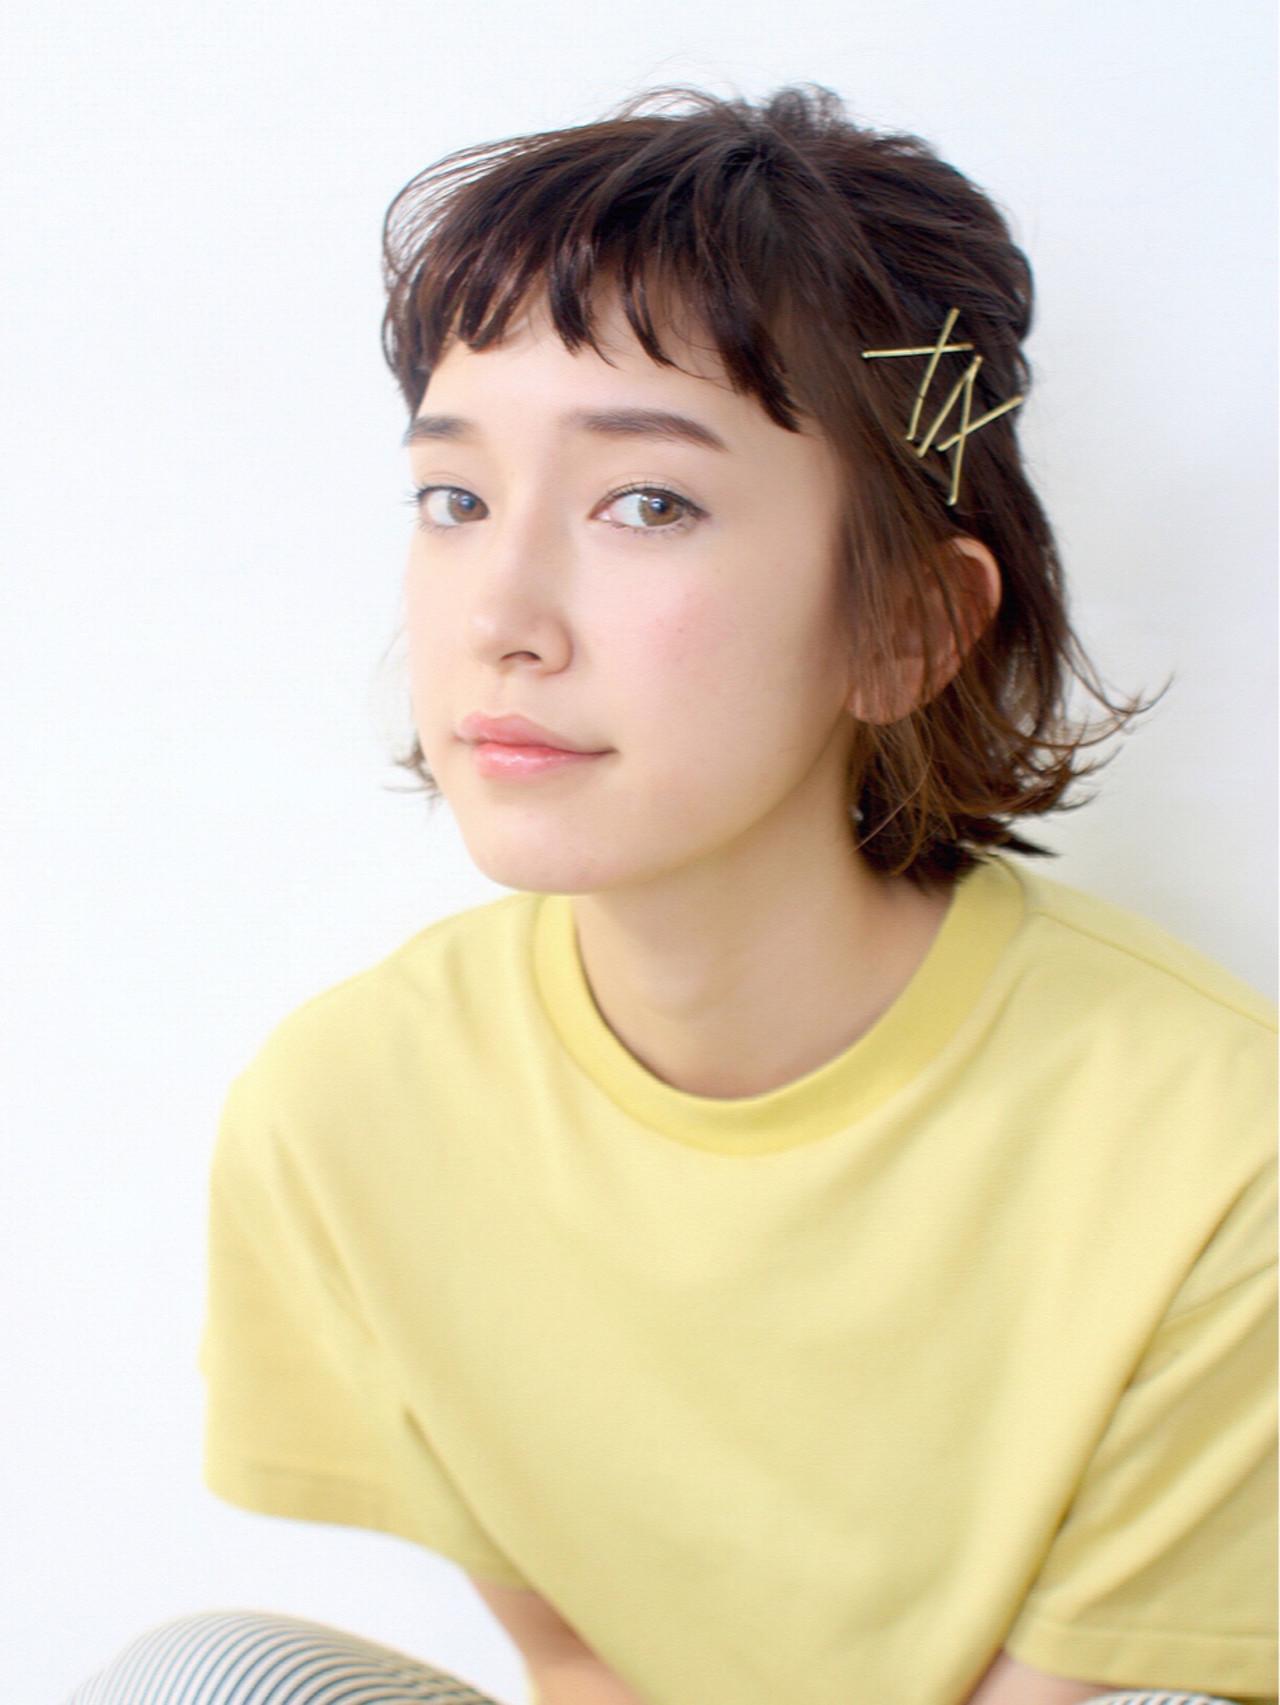 【2016夏ヘアアレンジ特集】ショートヘアでもできるアレンジ♡この夏のスタイル可愛さ倍増しちゃえ♪ 三好 佳奈美